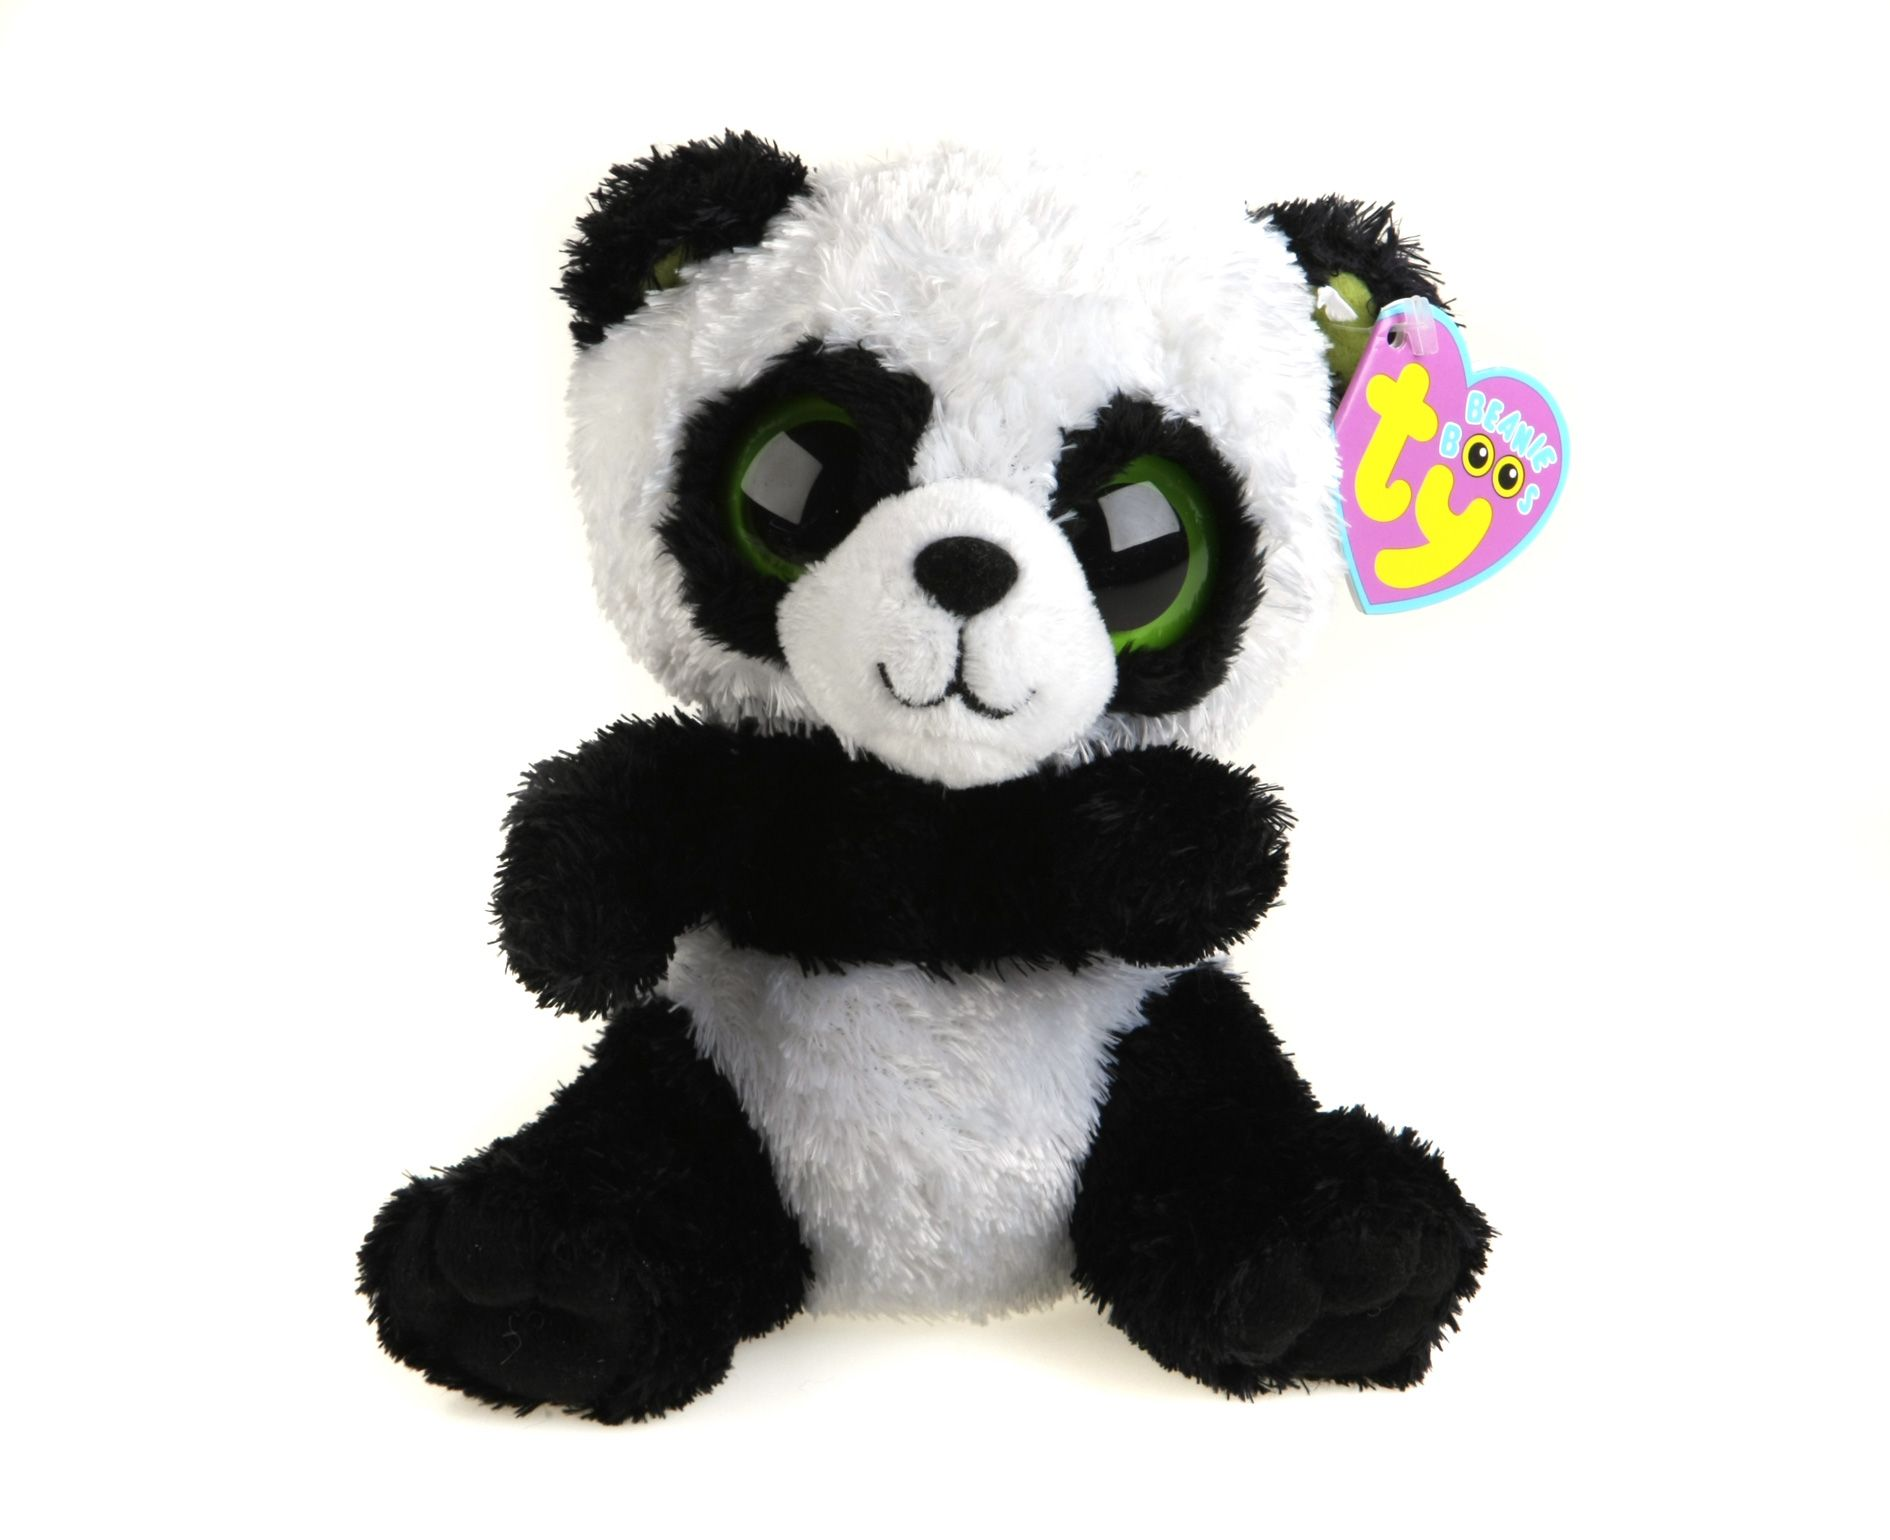 96a4a2e7bc9 TY Beanie Babies Boo Bamboo Panda